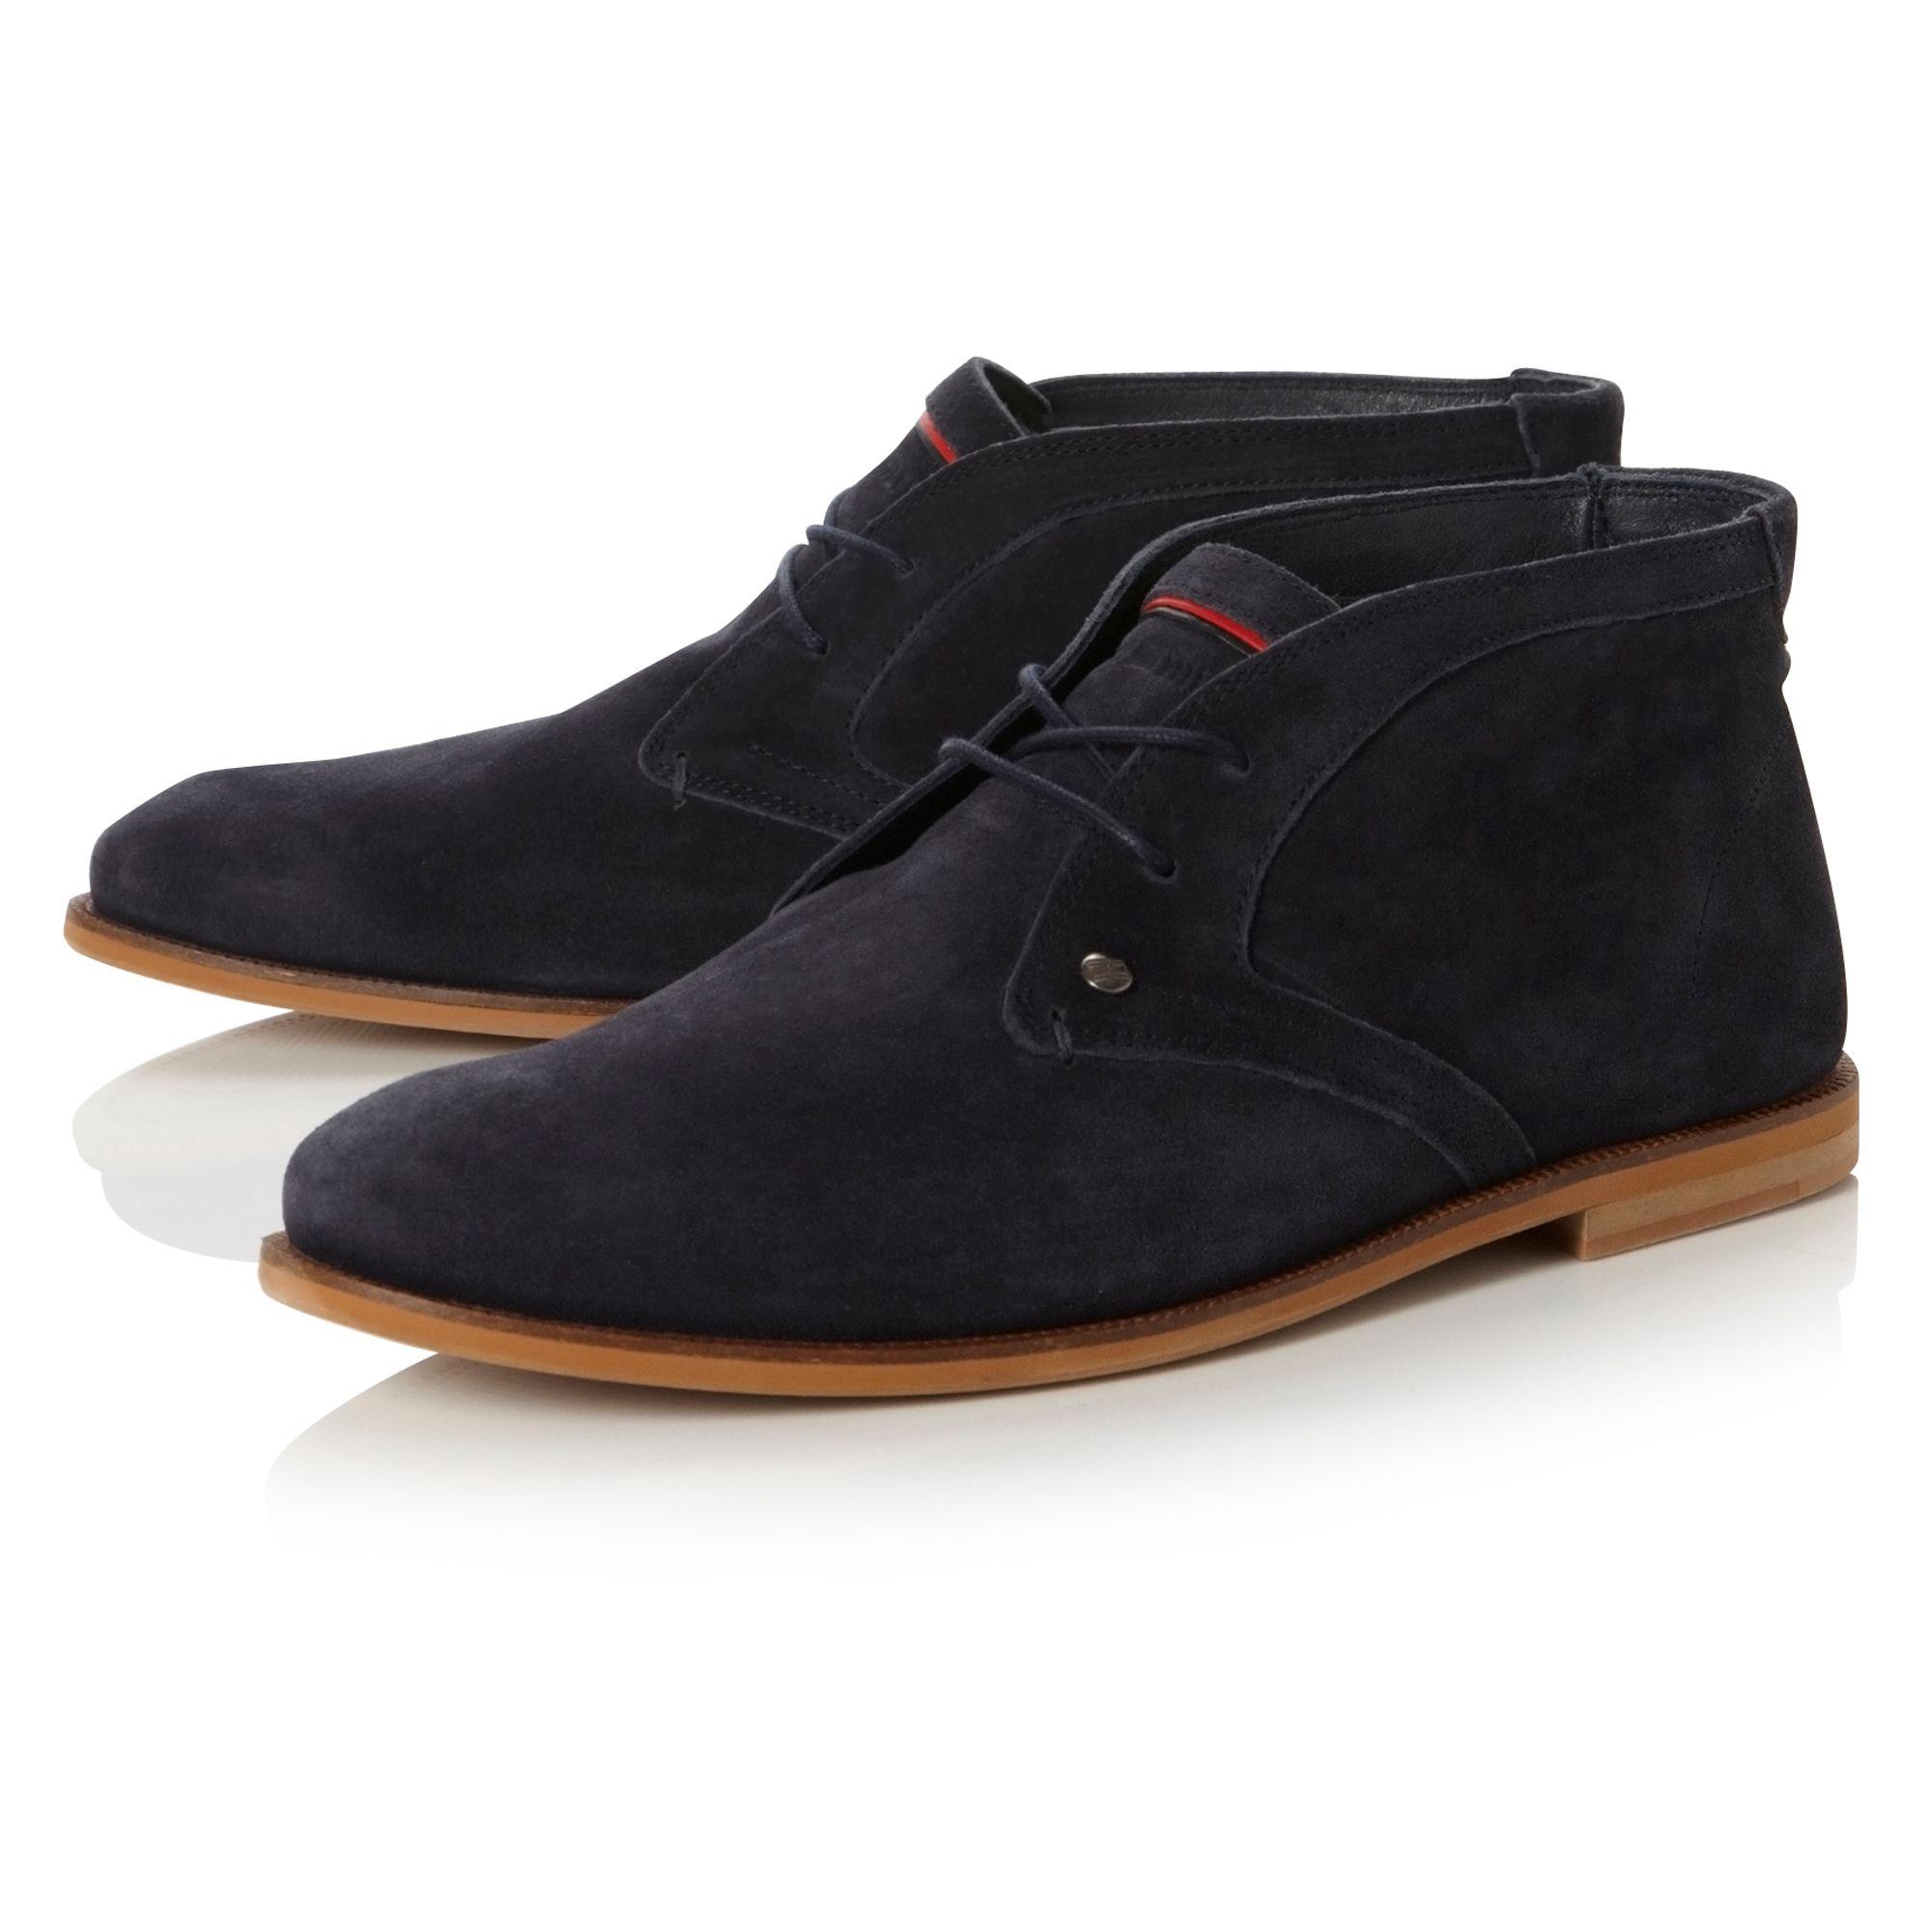 tommy hilfiger adam 4b natural sole desert boots in blue for men lyst. Black Bedroom Furniture Sets. Home Design Ideas